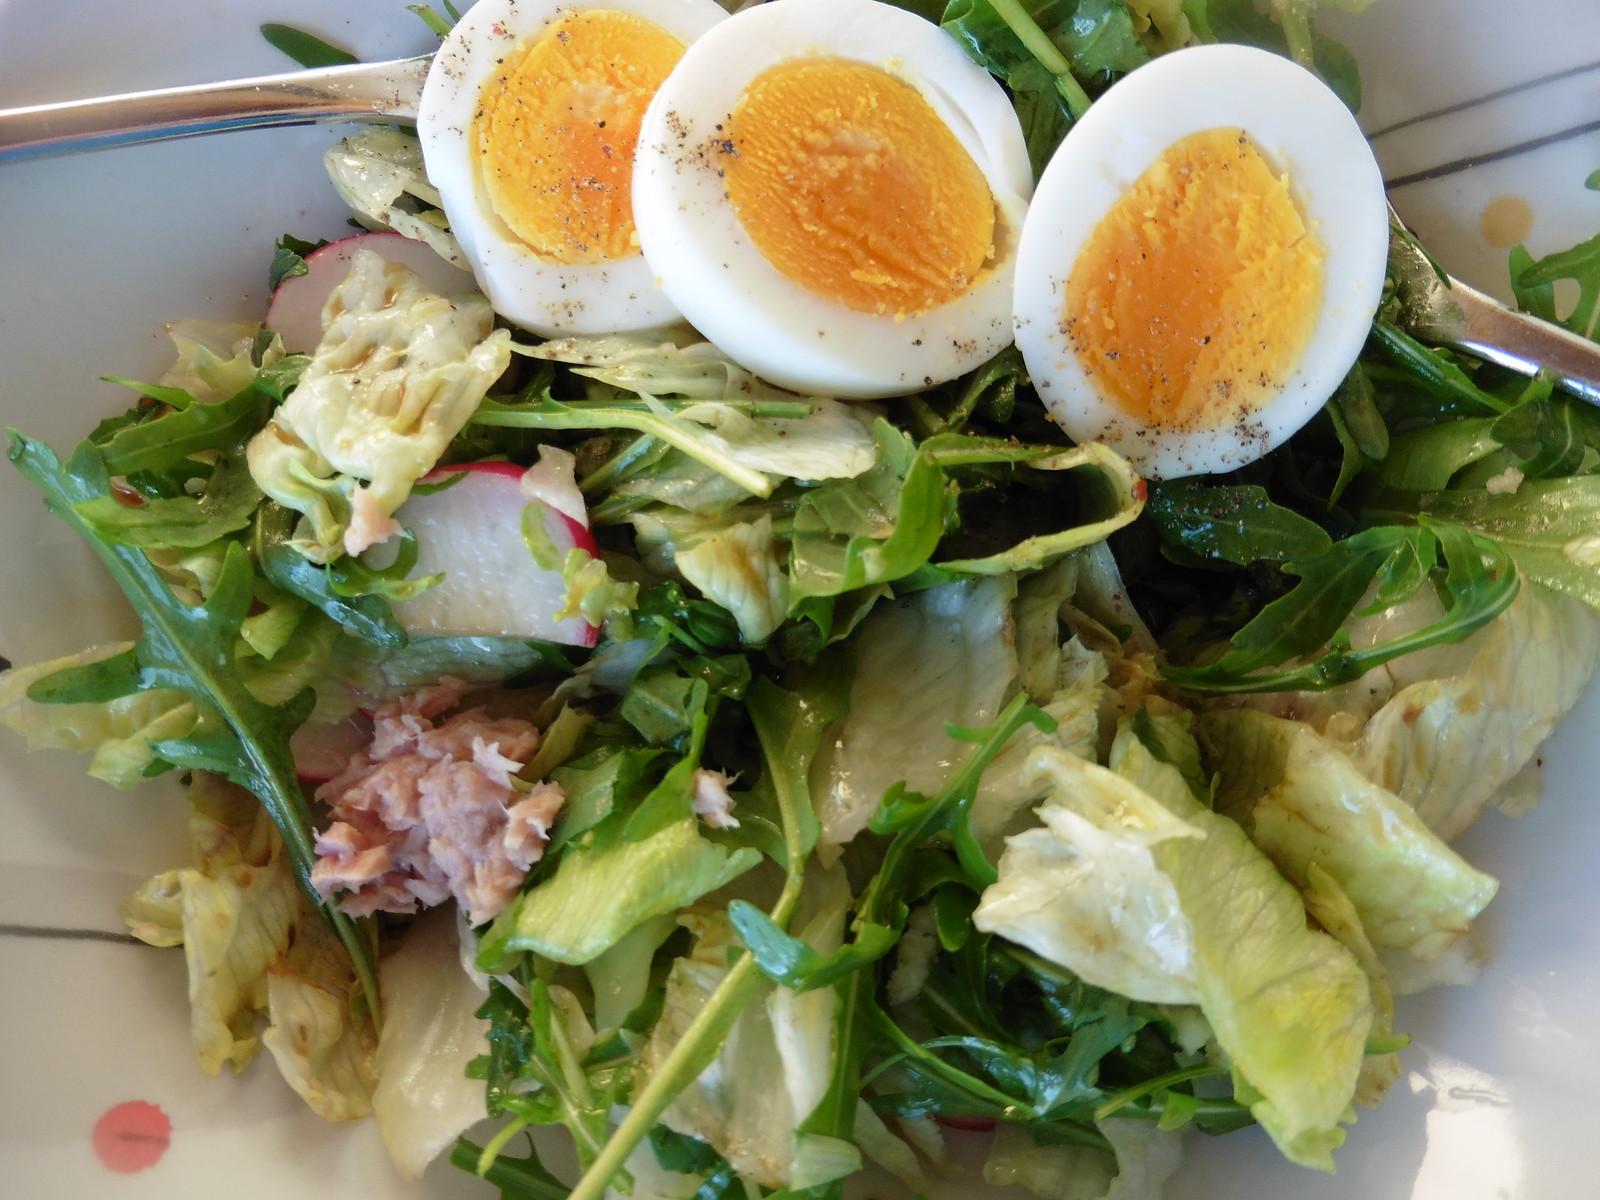 Salat, bissi Thunfisch, Ei, Maggikraut